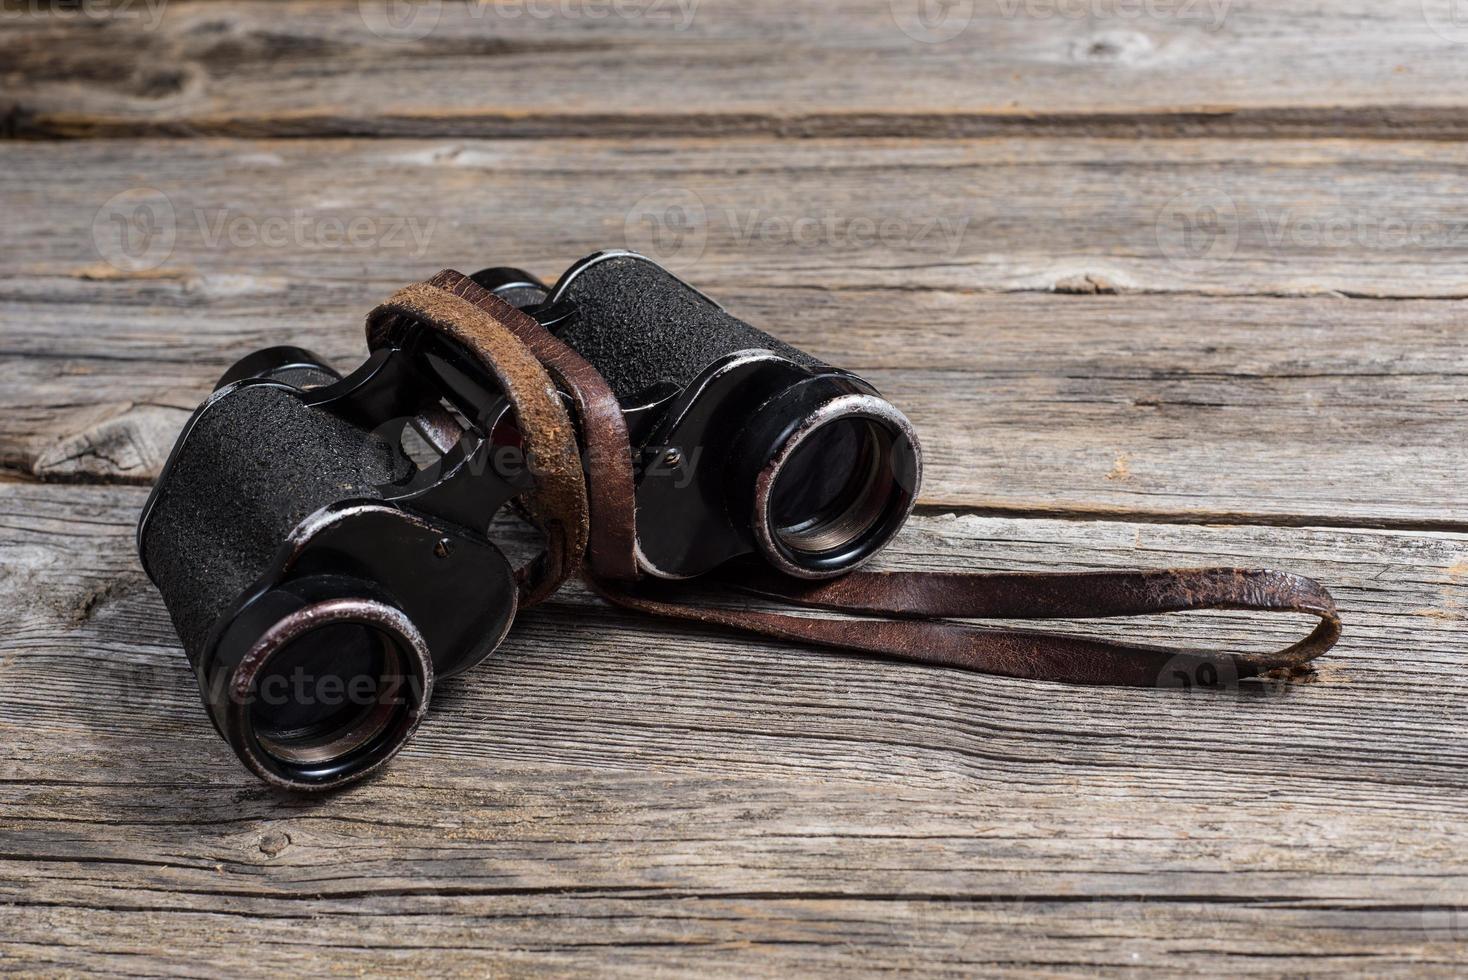 binóculos vintage em fundo de madeira foto